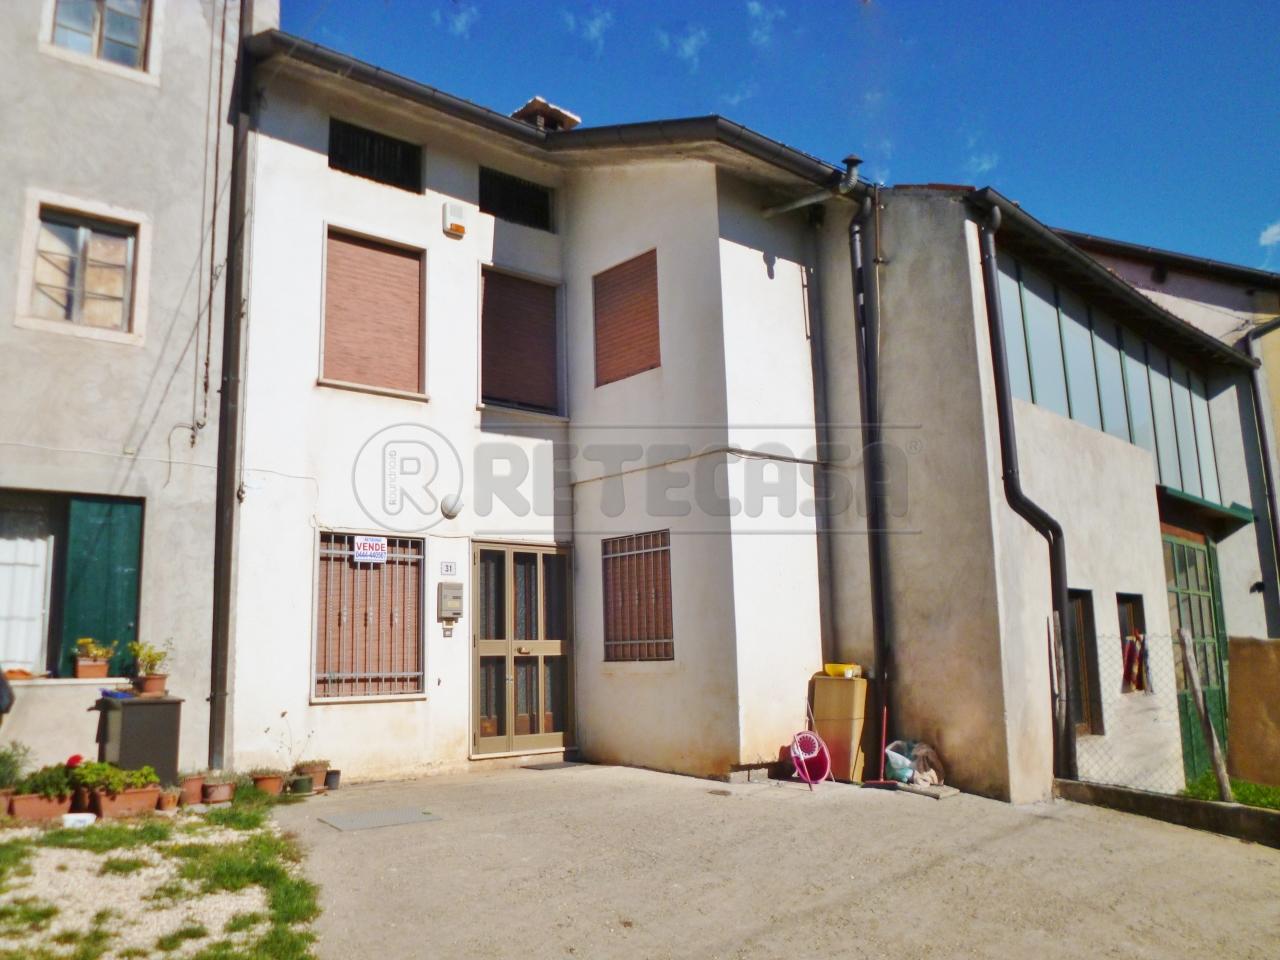 Soluzione Semindipendente in vendita a Nogarole Vicentino, 9999 locali, prezzo € 35.000 | Cambio Casa.it